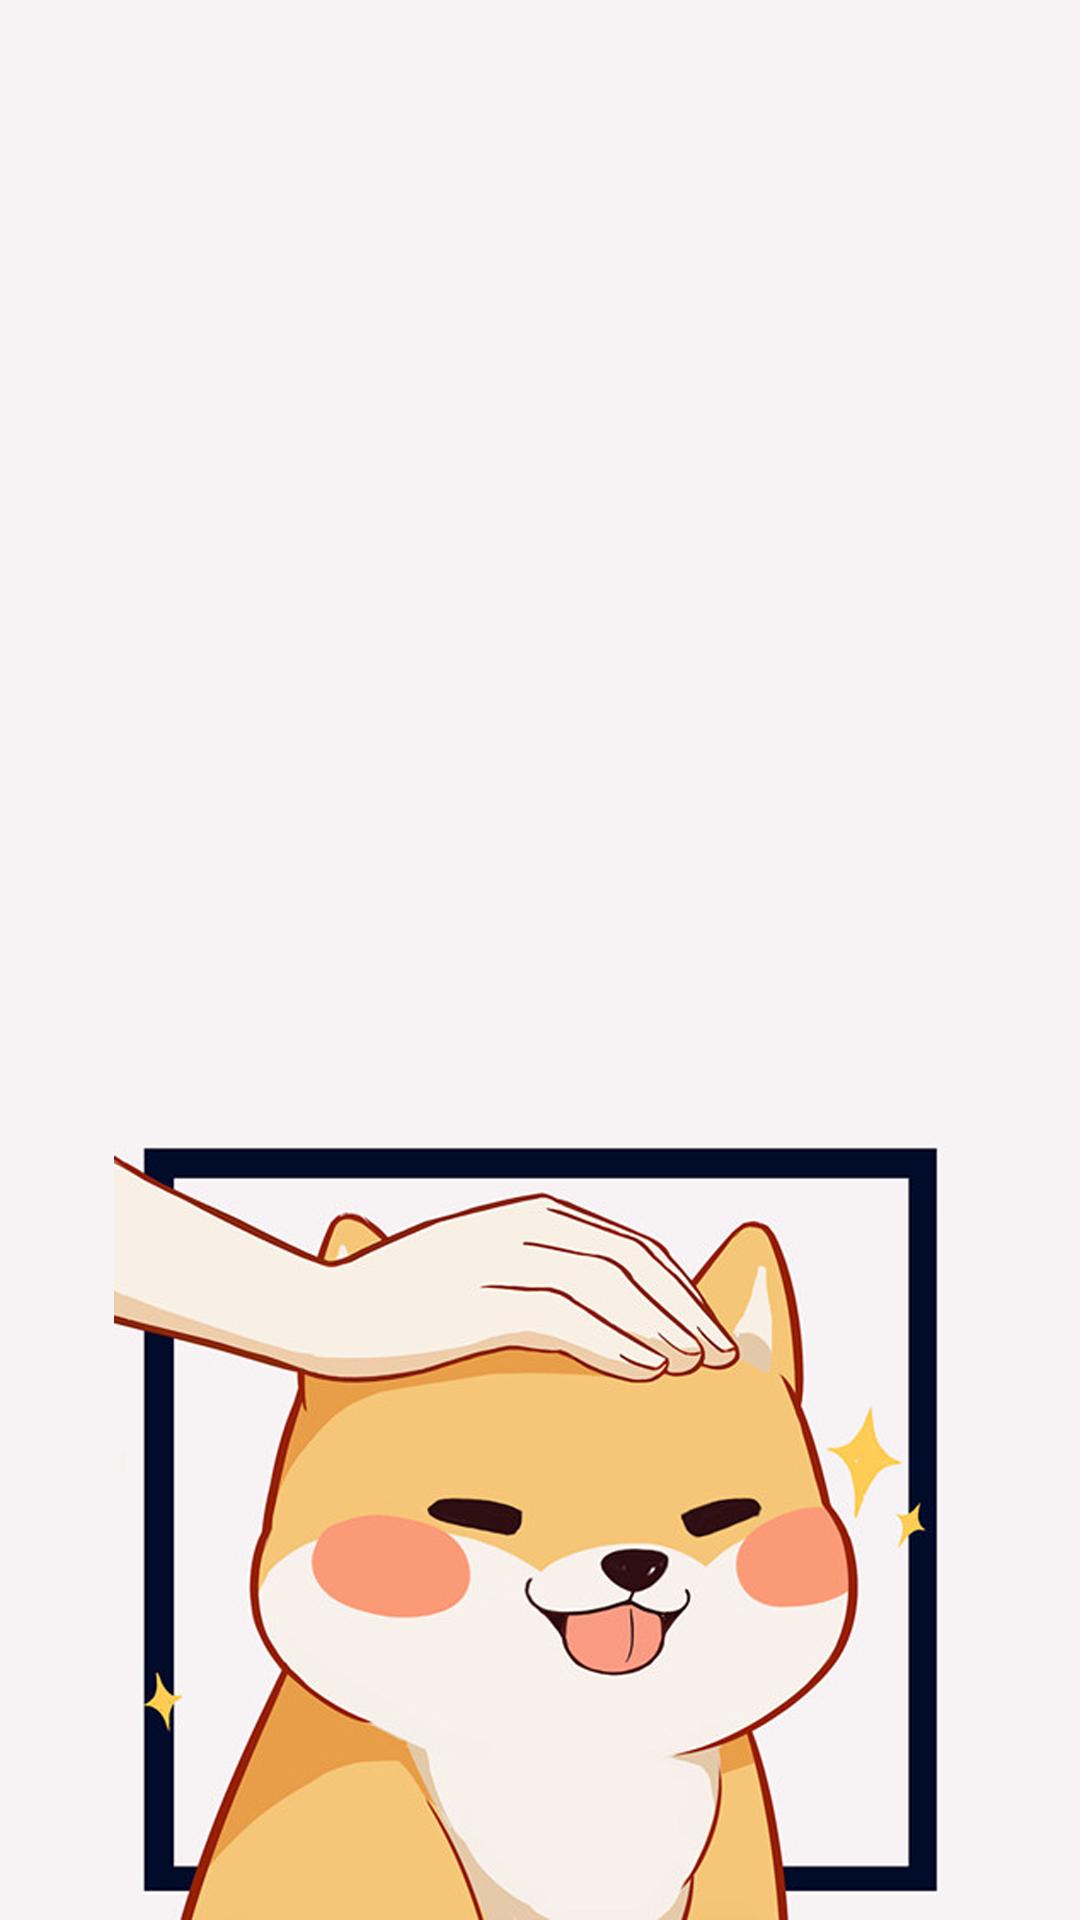 可爱卡通柴犬手绘壁纸 【6p】